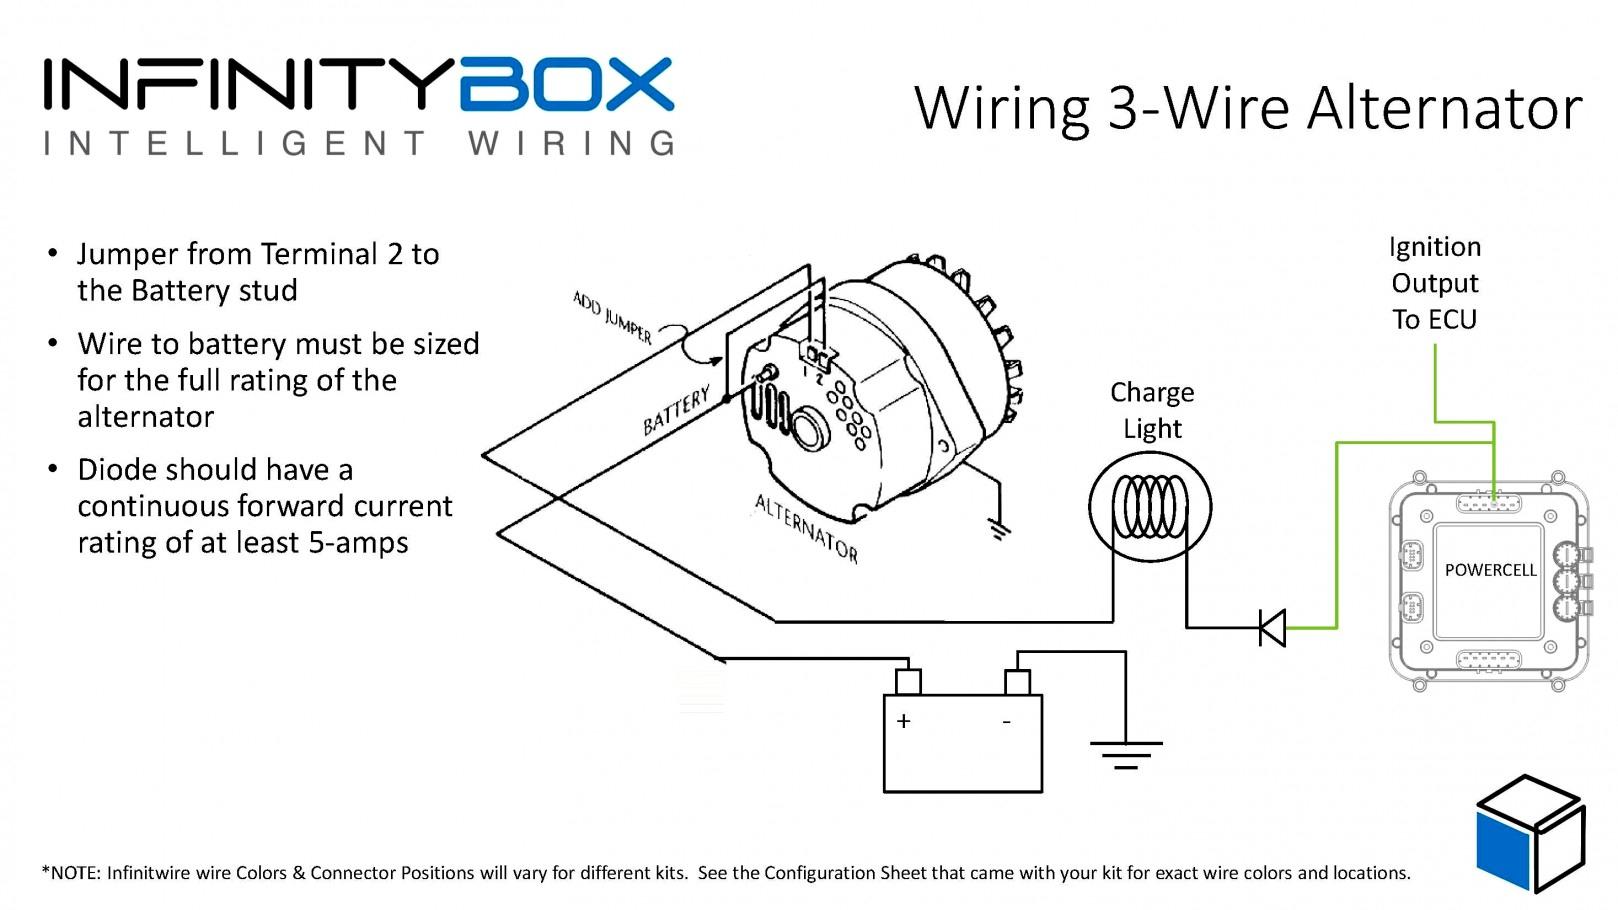 3 Wire Alternator Diagram - Wiring Diagram Data Oreo - 2 Wire Alternator Wiring Diagram